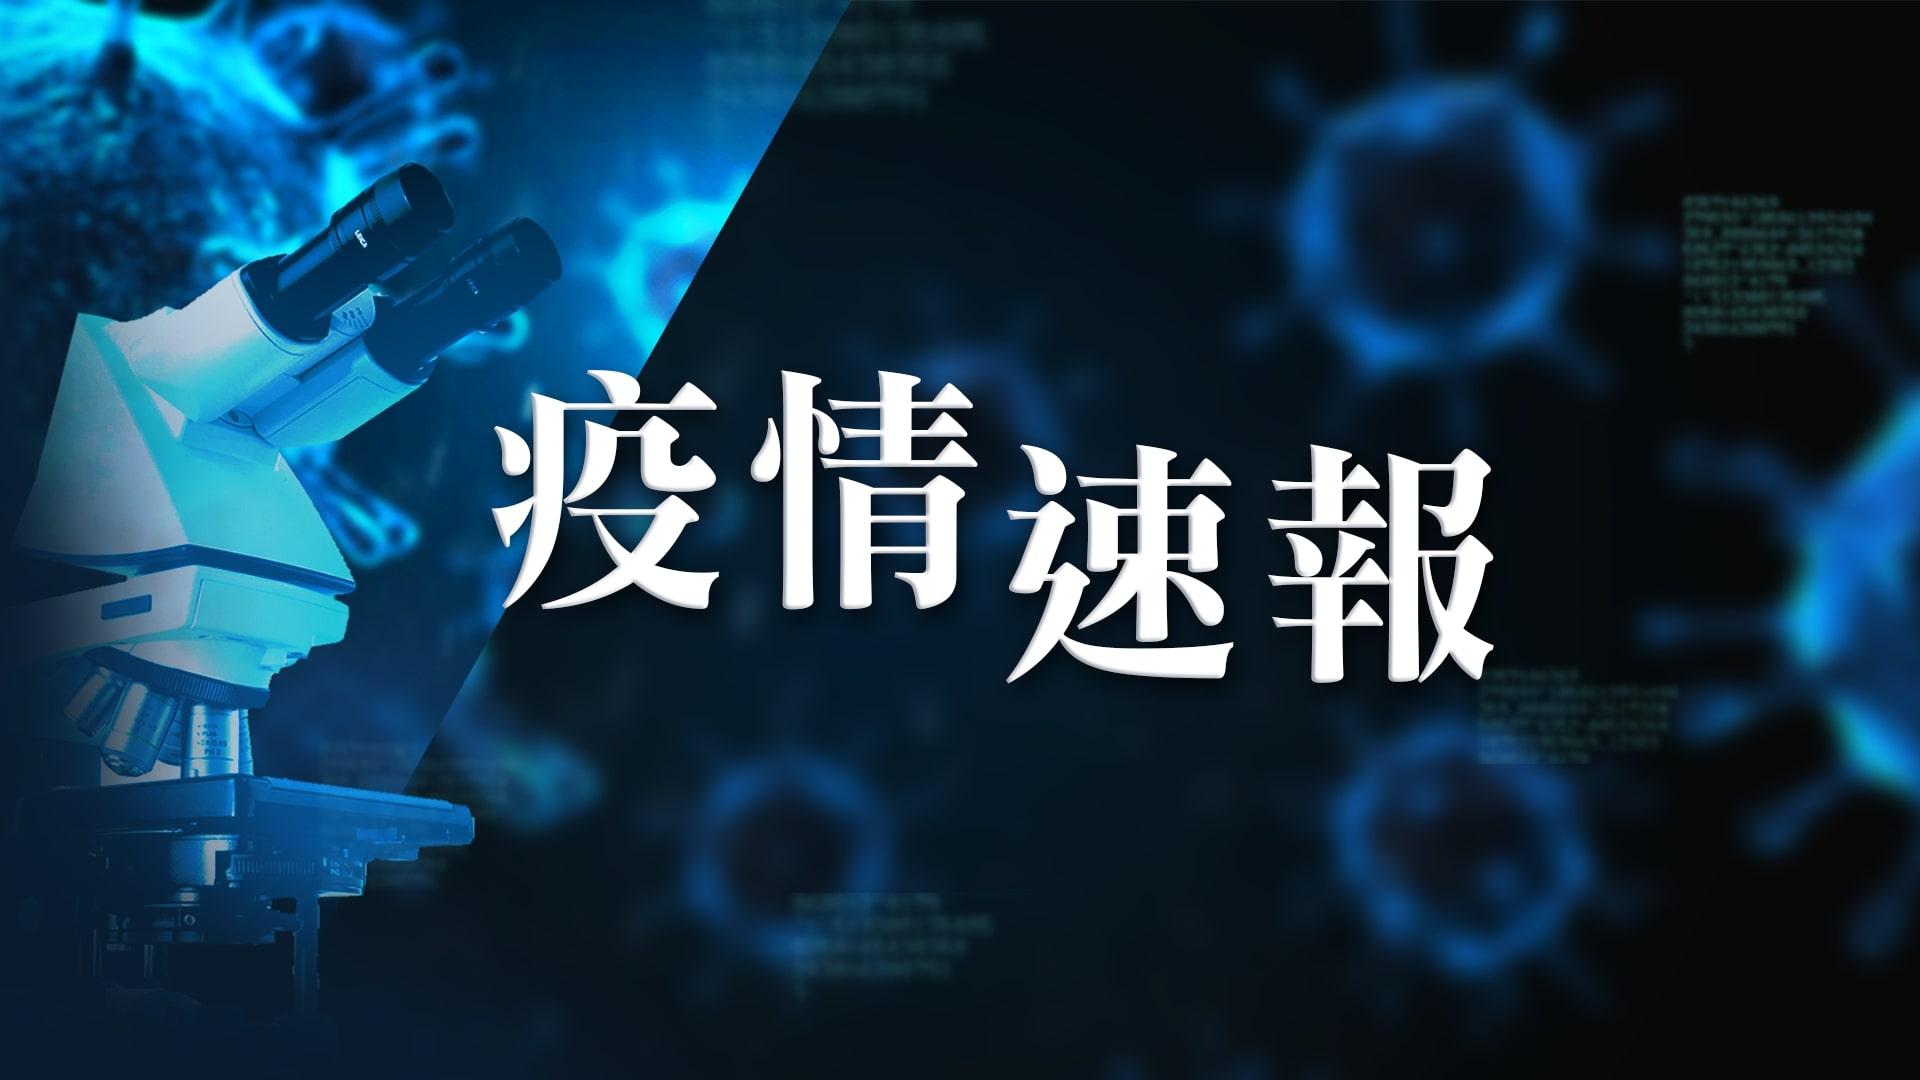 【6月15日疫情速報】(13:00)